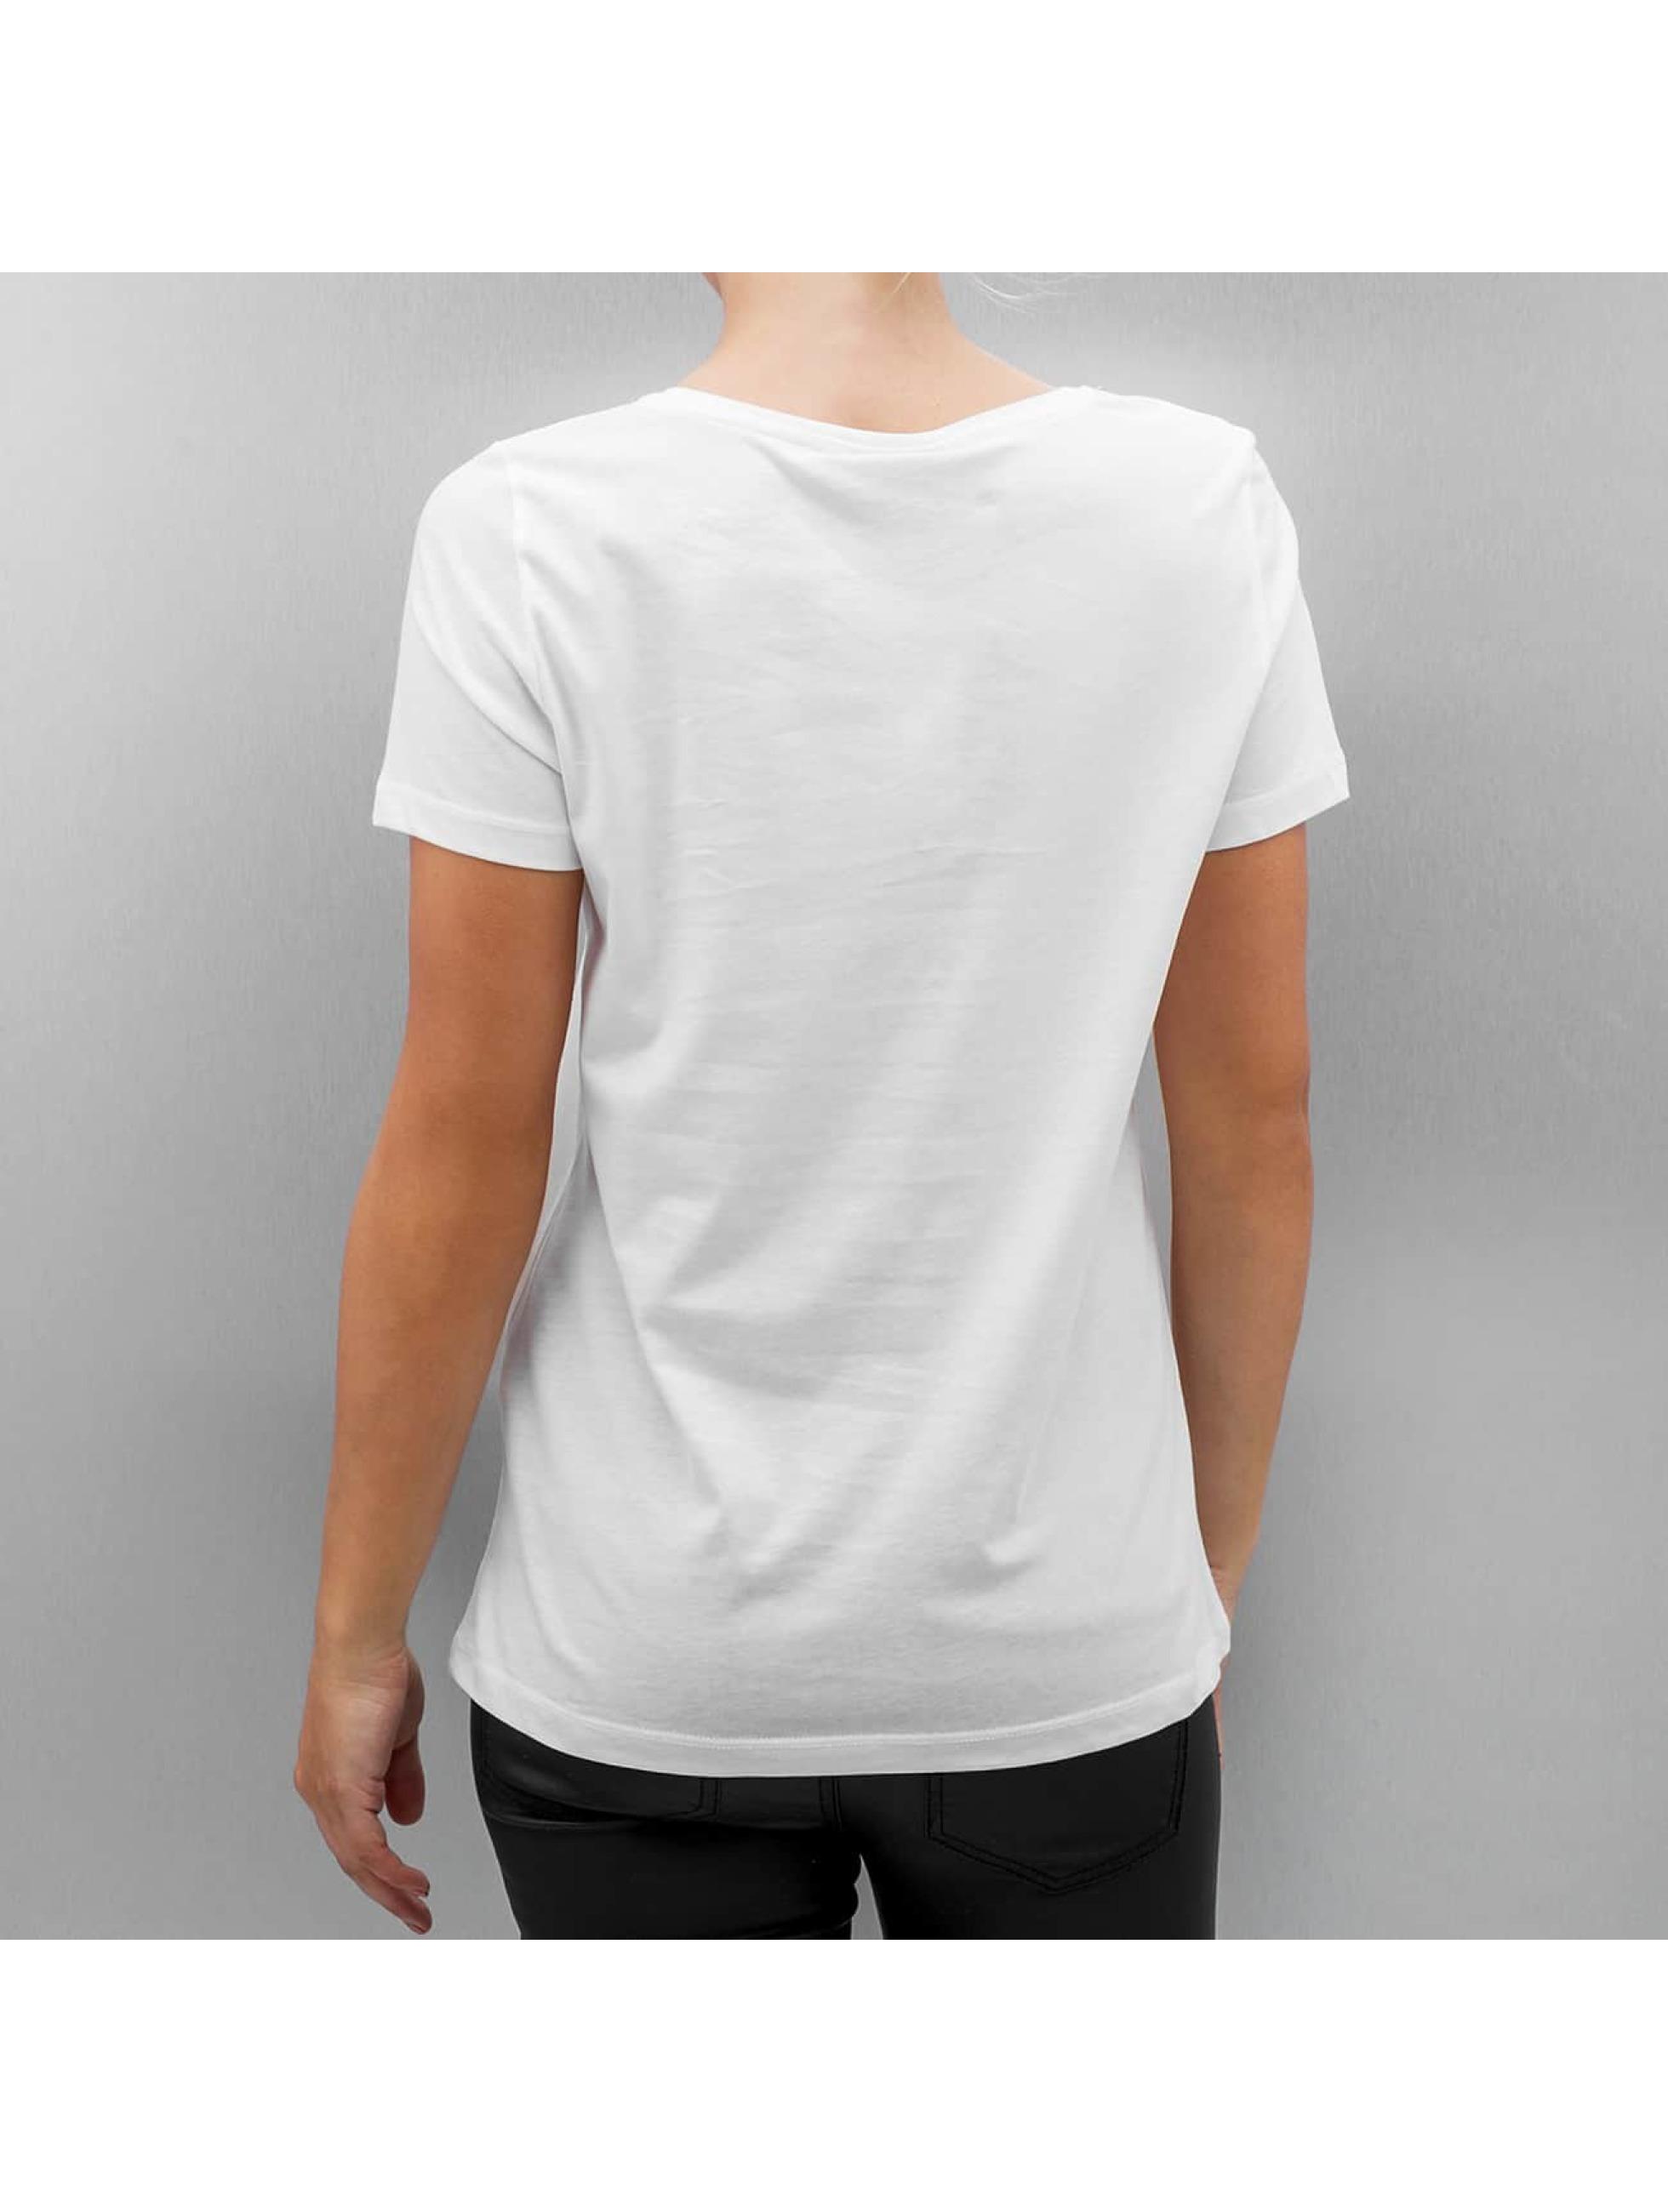 Vero Moda T-Shirt VmMy weiß